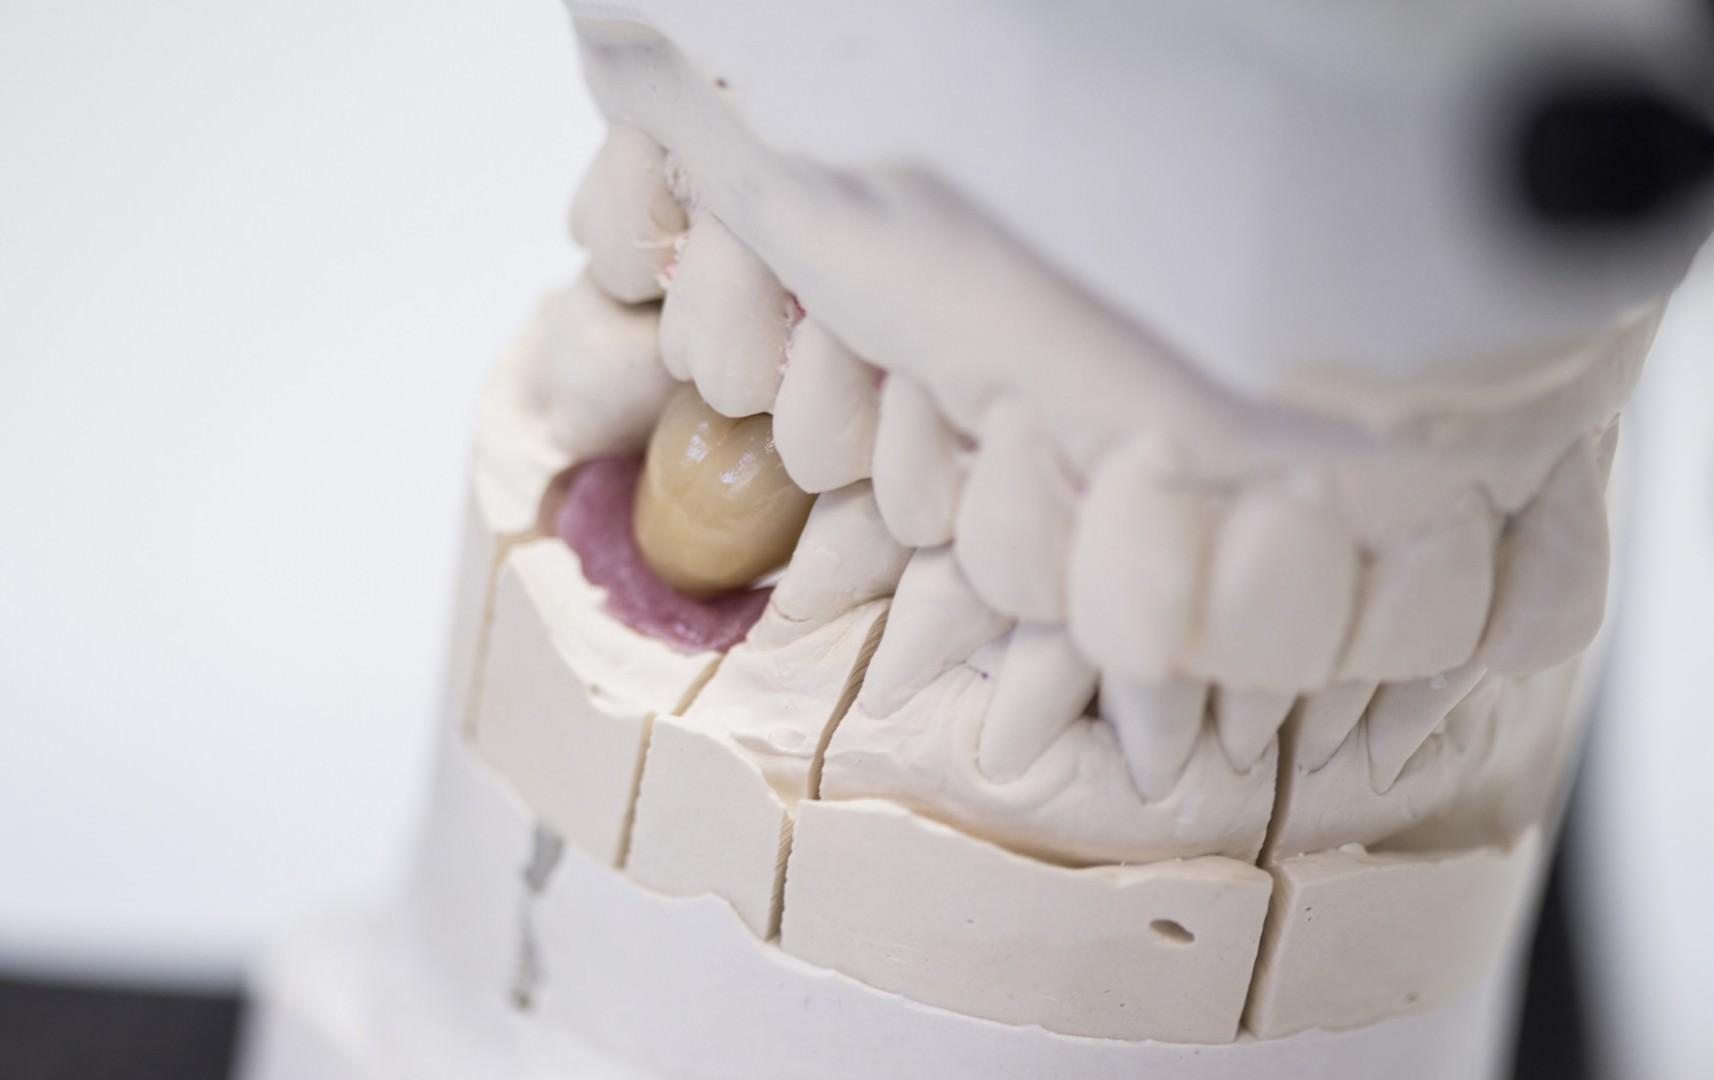 Detailaufnahme eines ersetzten Zahnes im Kiefermodell